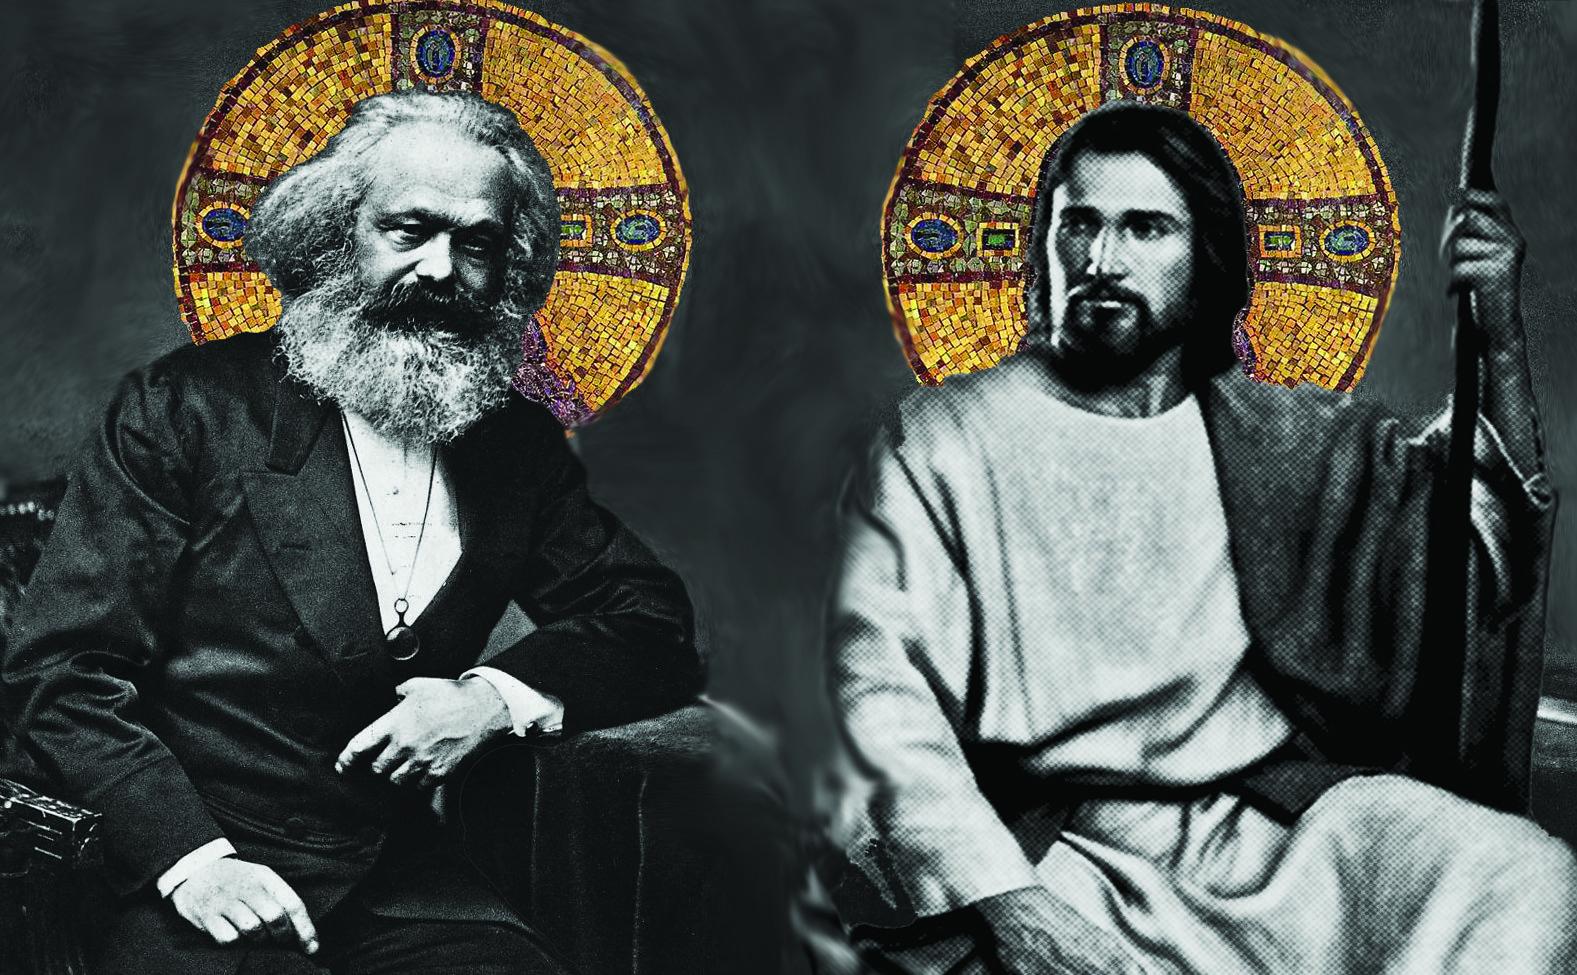 Tradições subvertidas – sobre o diálogo entre marxismo e religiões